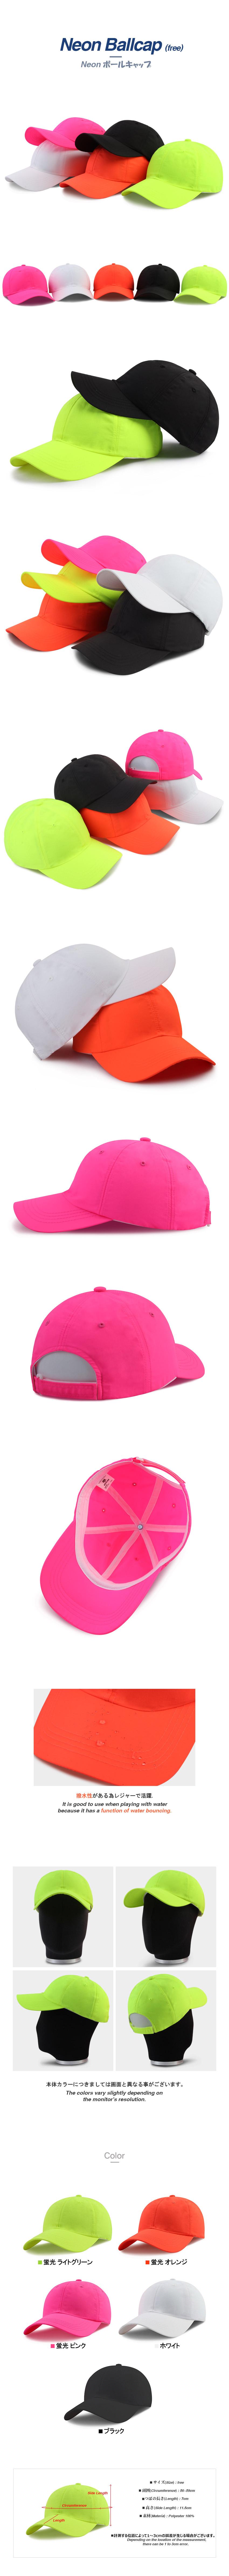 蛍光ライトグリーン 蛍光オレンジ 蛍光ピンク ホワイト ブラック Neon ボールキャップ 1点から製作可能!名前入れ 刺繍 プリント オリジナルキャップ イベント用 野球帽 学校行事 サークル